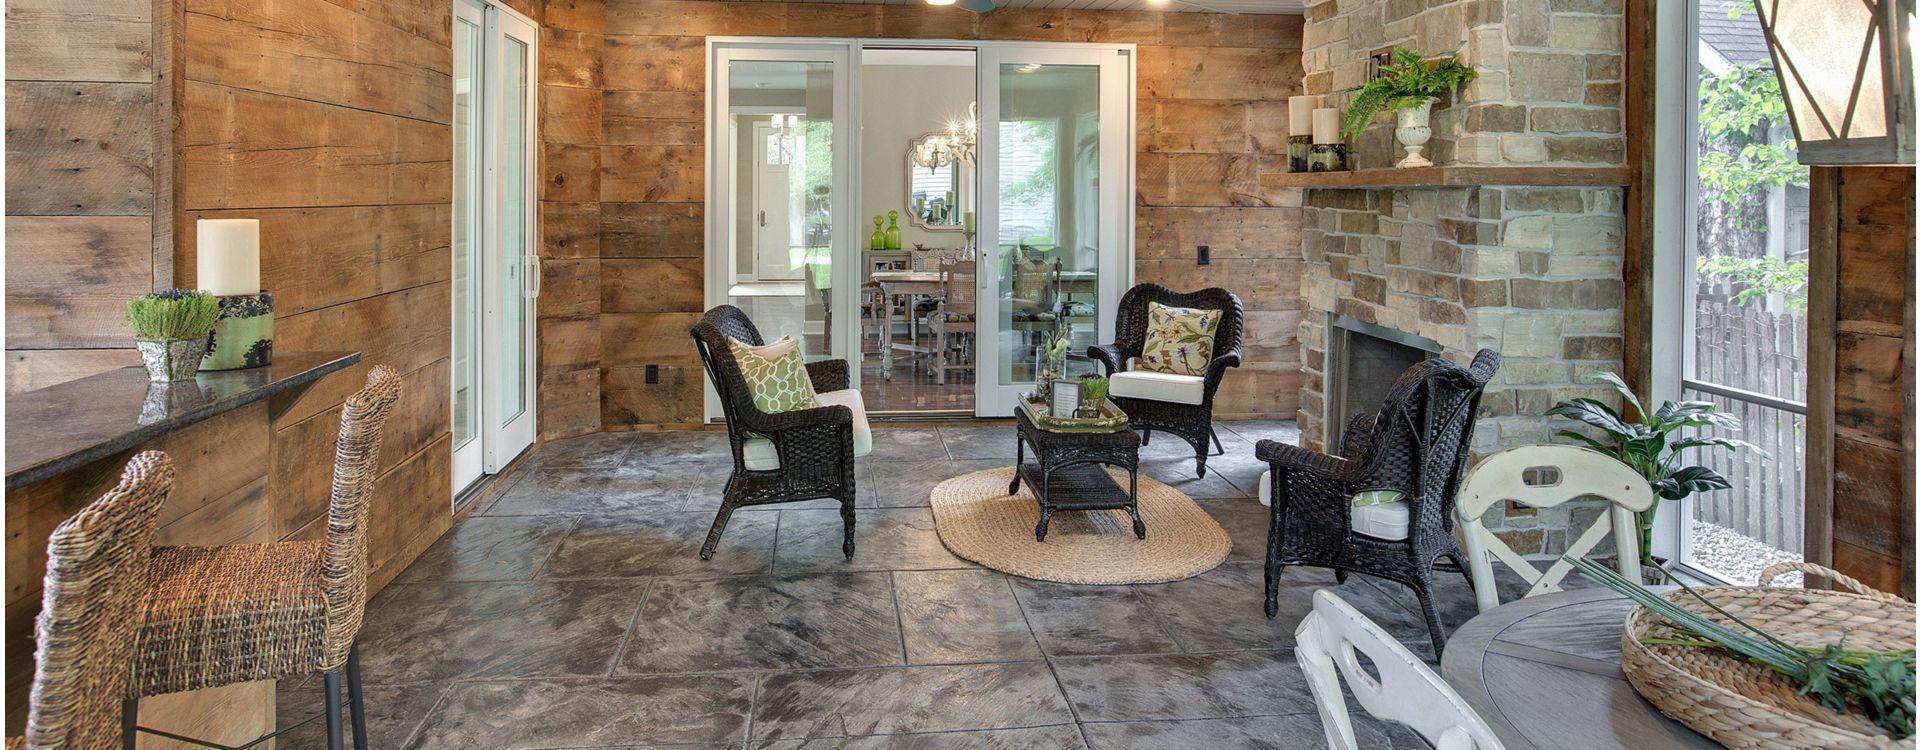 kết cấu và gỗ trông gạch ốp tường và gạch màu xám.